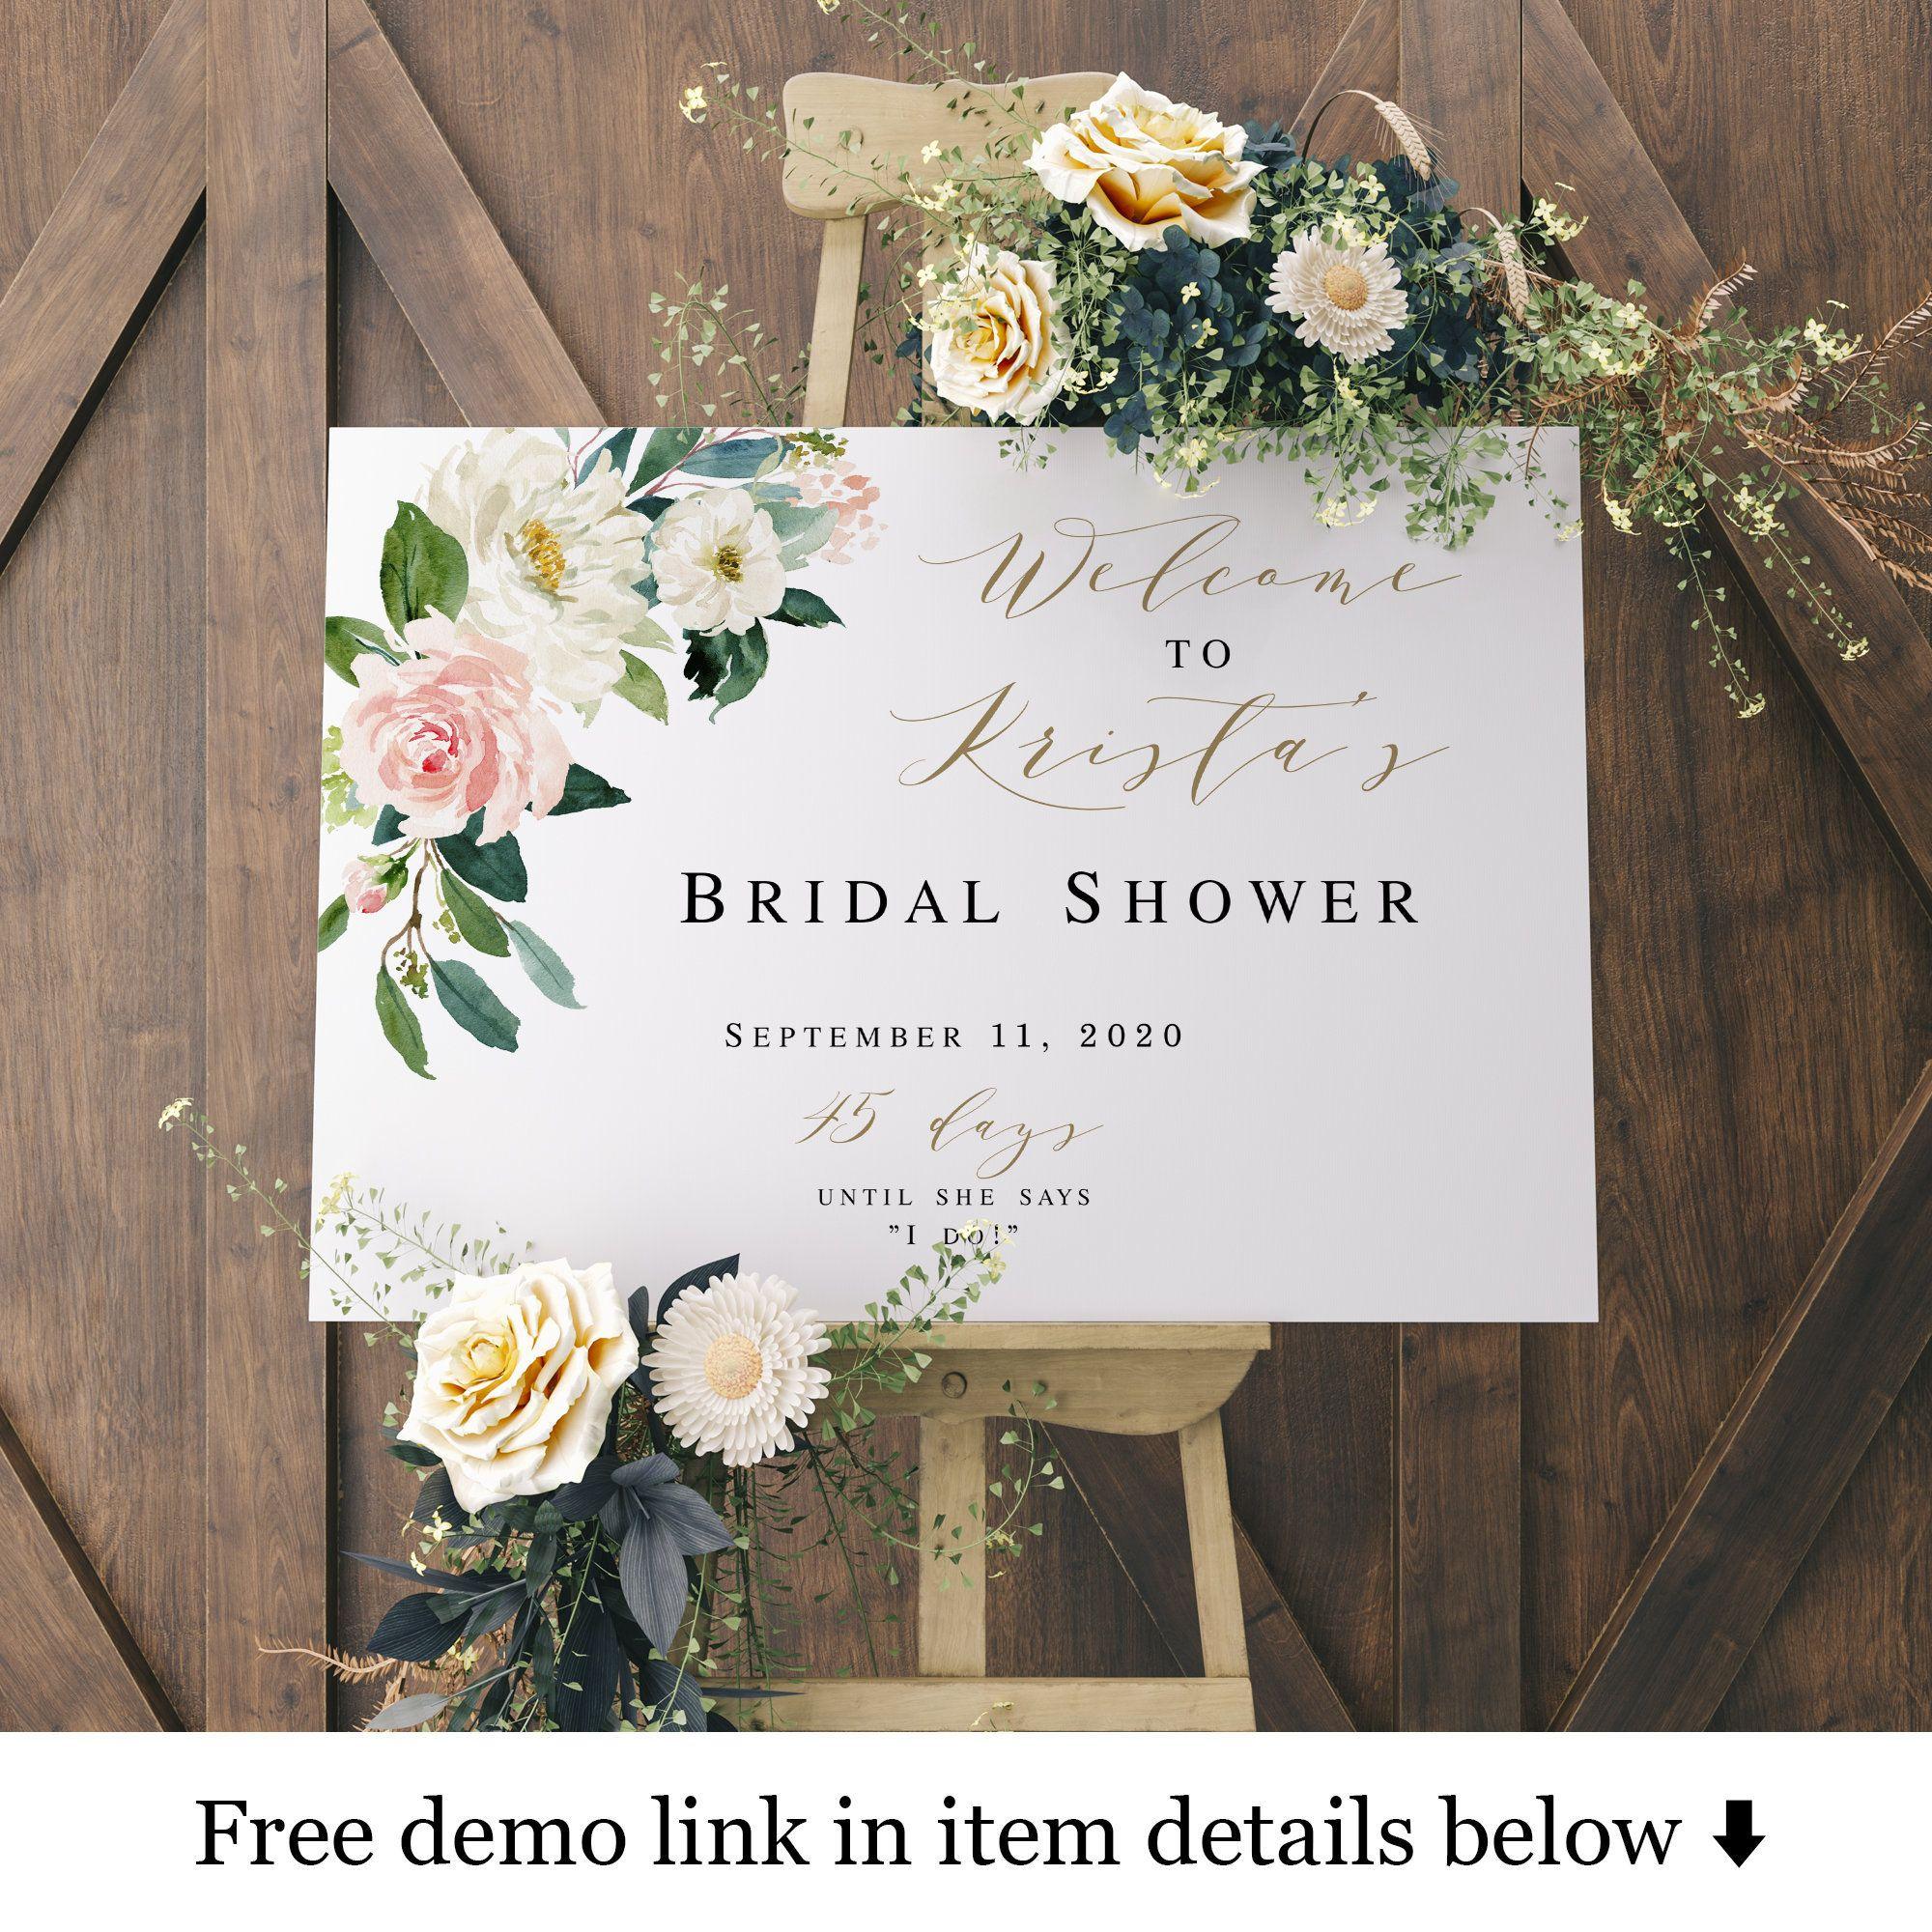 Welcome Sign Bridal Shower Bridal Sign Printable Floral Etsy Bridal Shower Welcome Sign Bridal Shower Welcome Sign